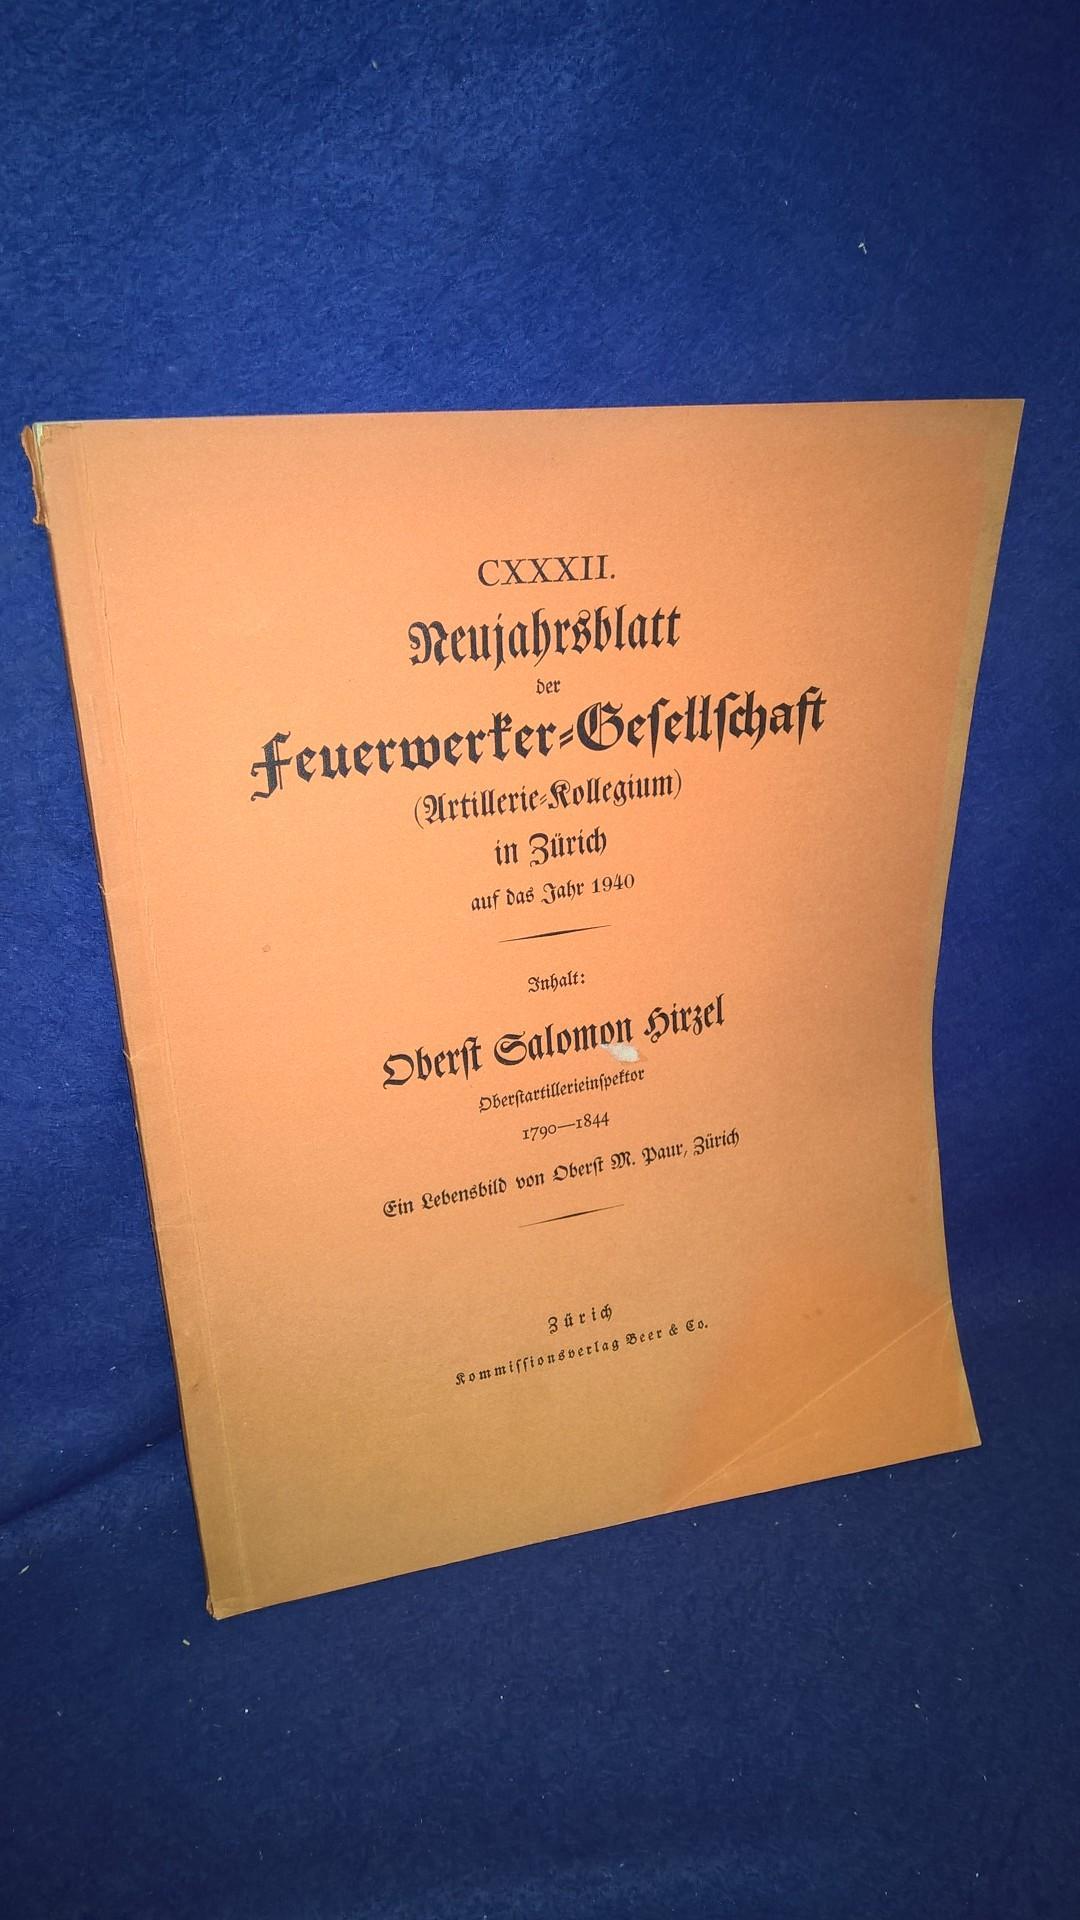 Oberst Salomon Hirzel. Oberstartillerieinspektor 1790-1844. Aus der Reihe: Neujahrsblatt der Feuerwerker-Gesellschaft ( Artillerie-Kollegium ) in Zürich auf das Jahr 1940.